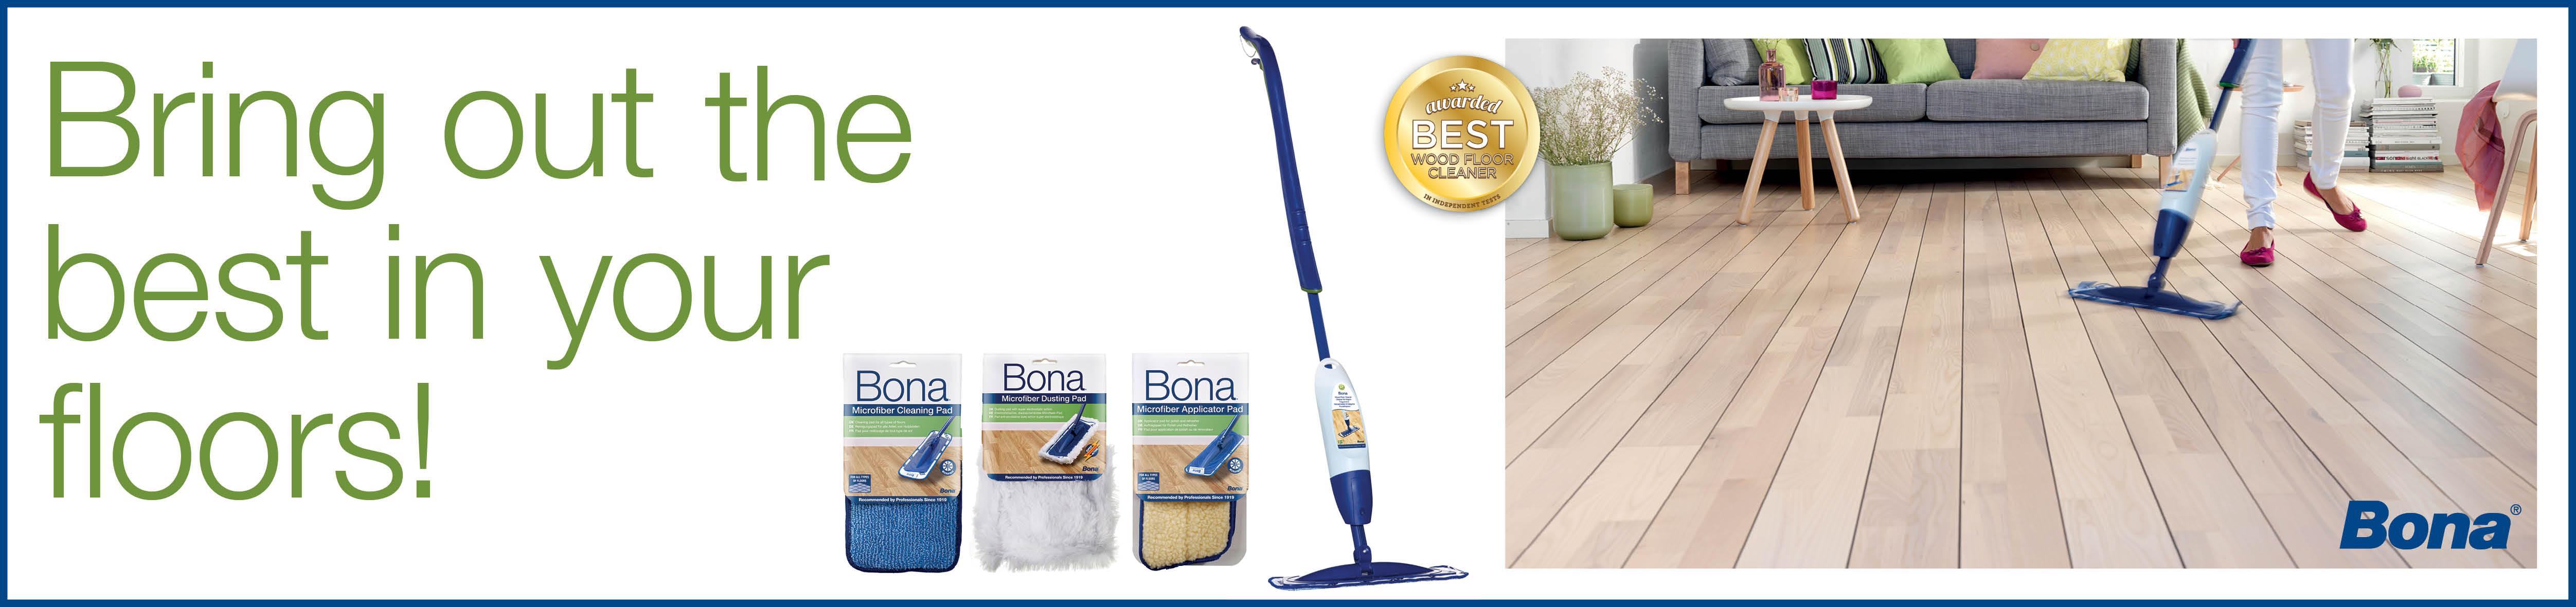 Bona Floorcare Look Floors